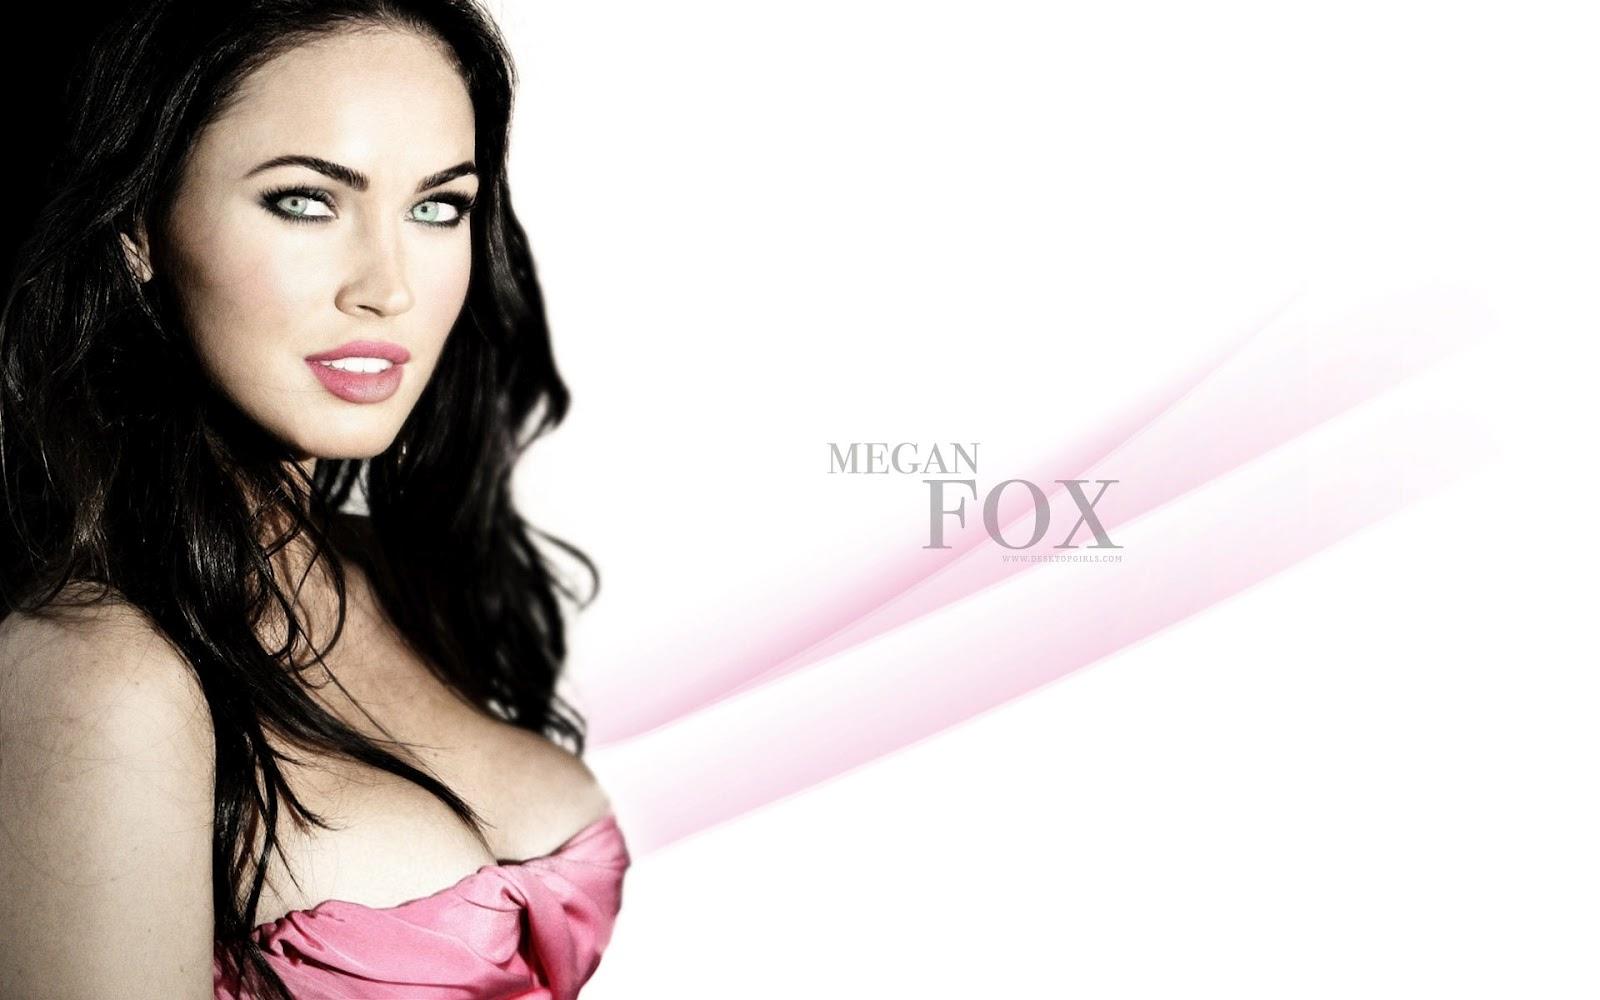 http://1.bp.blogspot.com/-QECx1LGWx4c/T602nDSiRUI/AAAAAAAAFt4/-VvhzLbx6cM/s1600/Megan_Fox_Widescreen_12200932049PM171.jpg